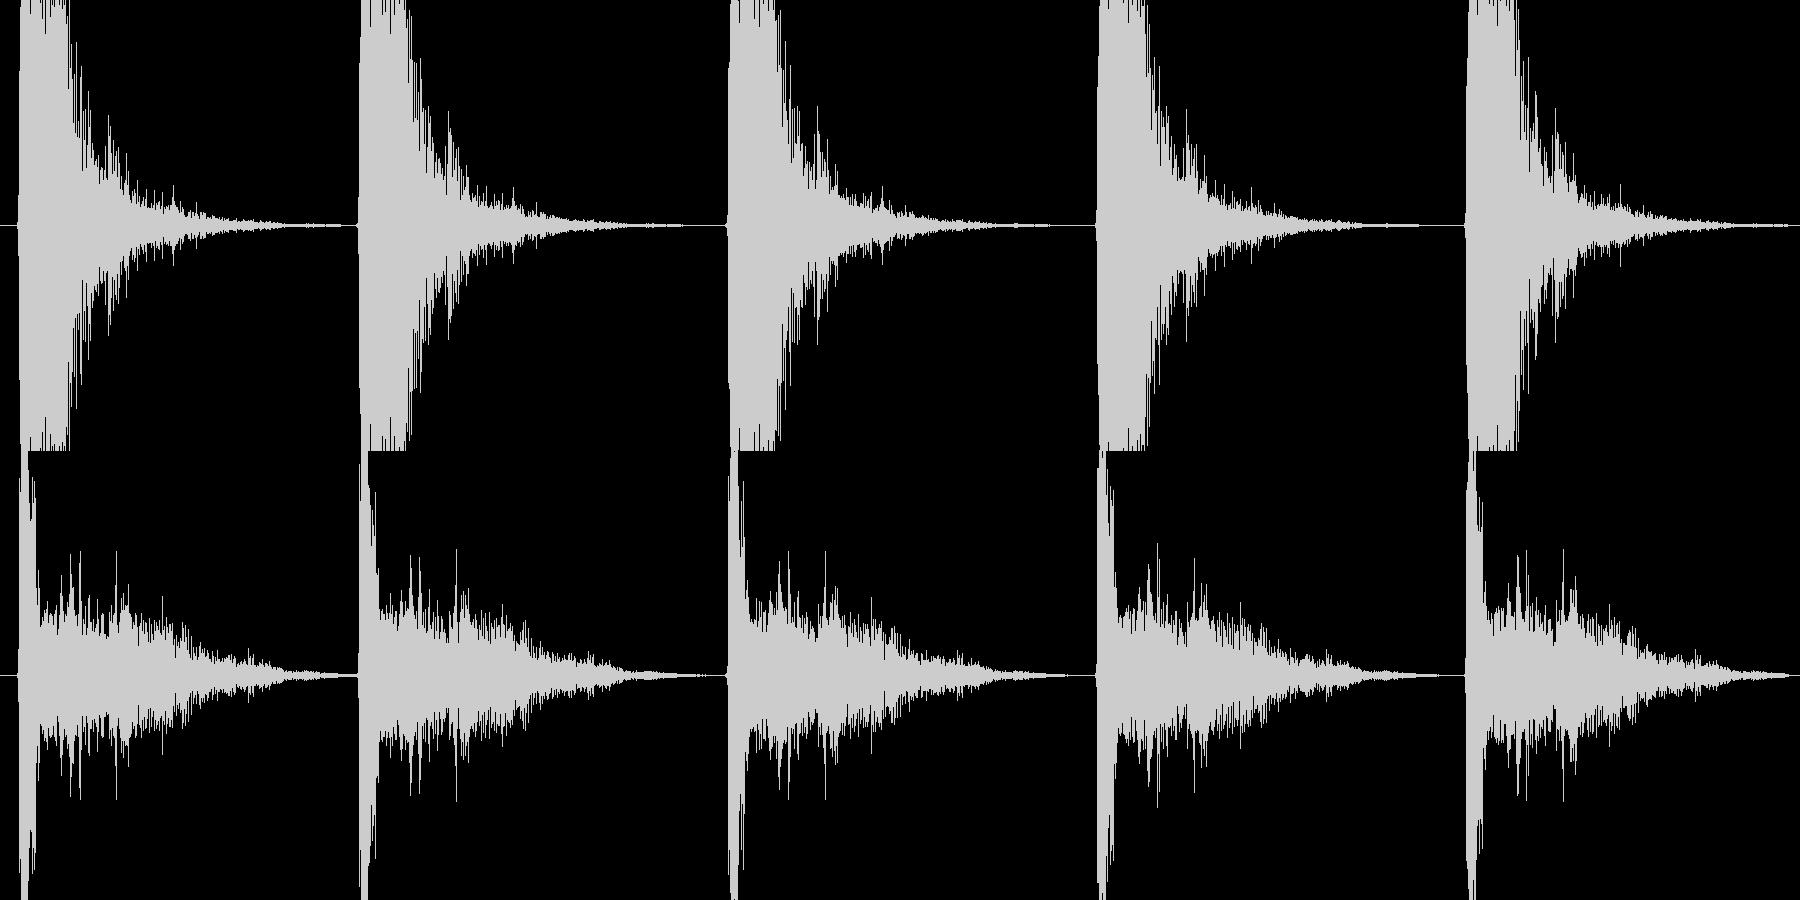 ハンドガン系の発砲音の未再生の波形